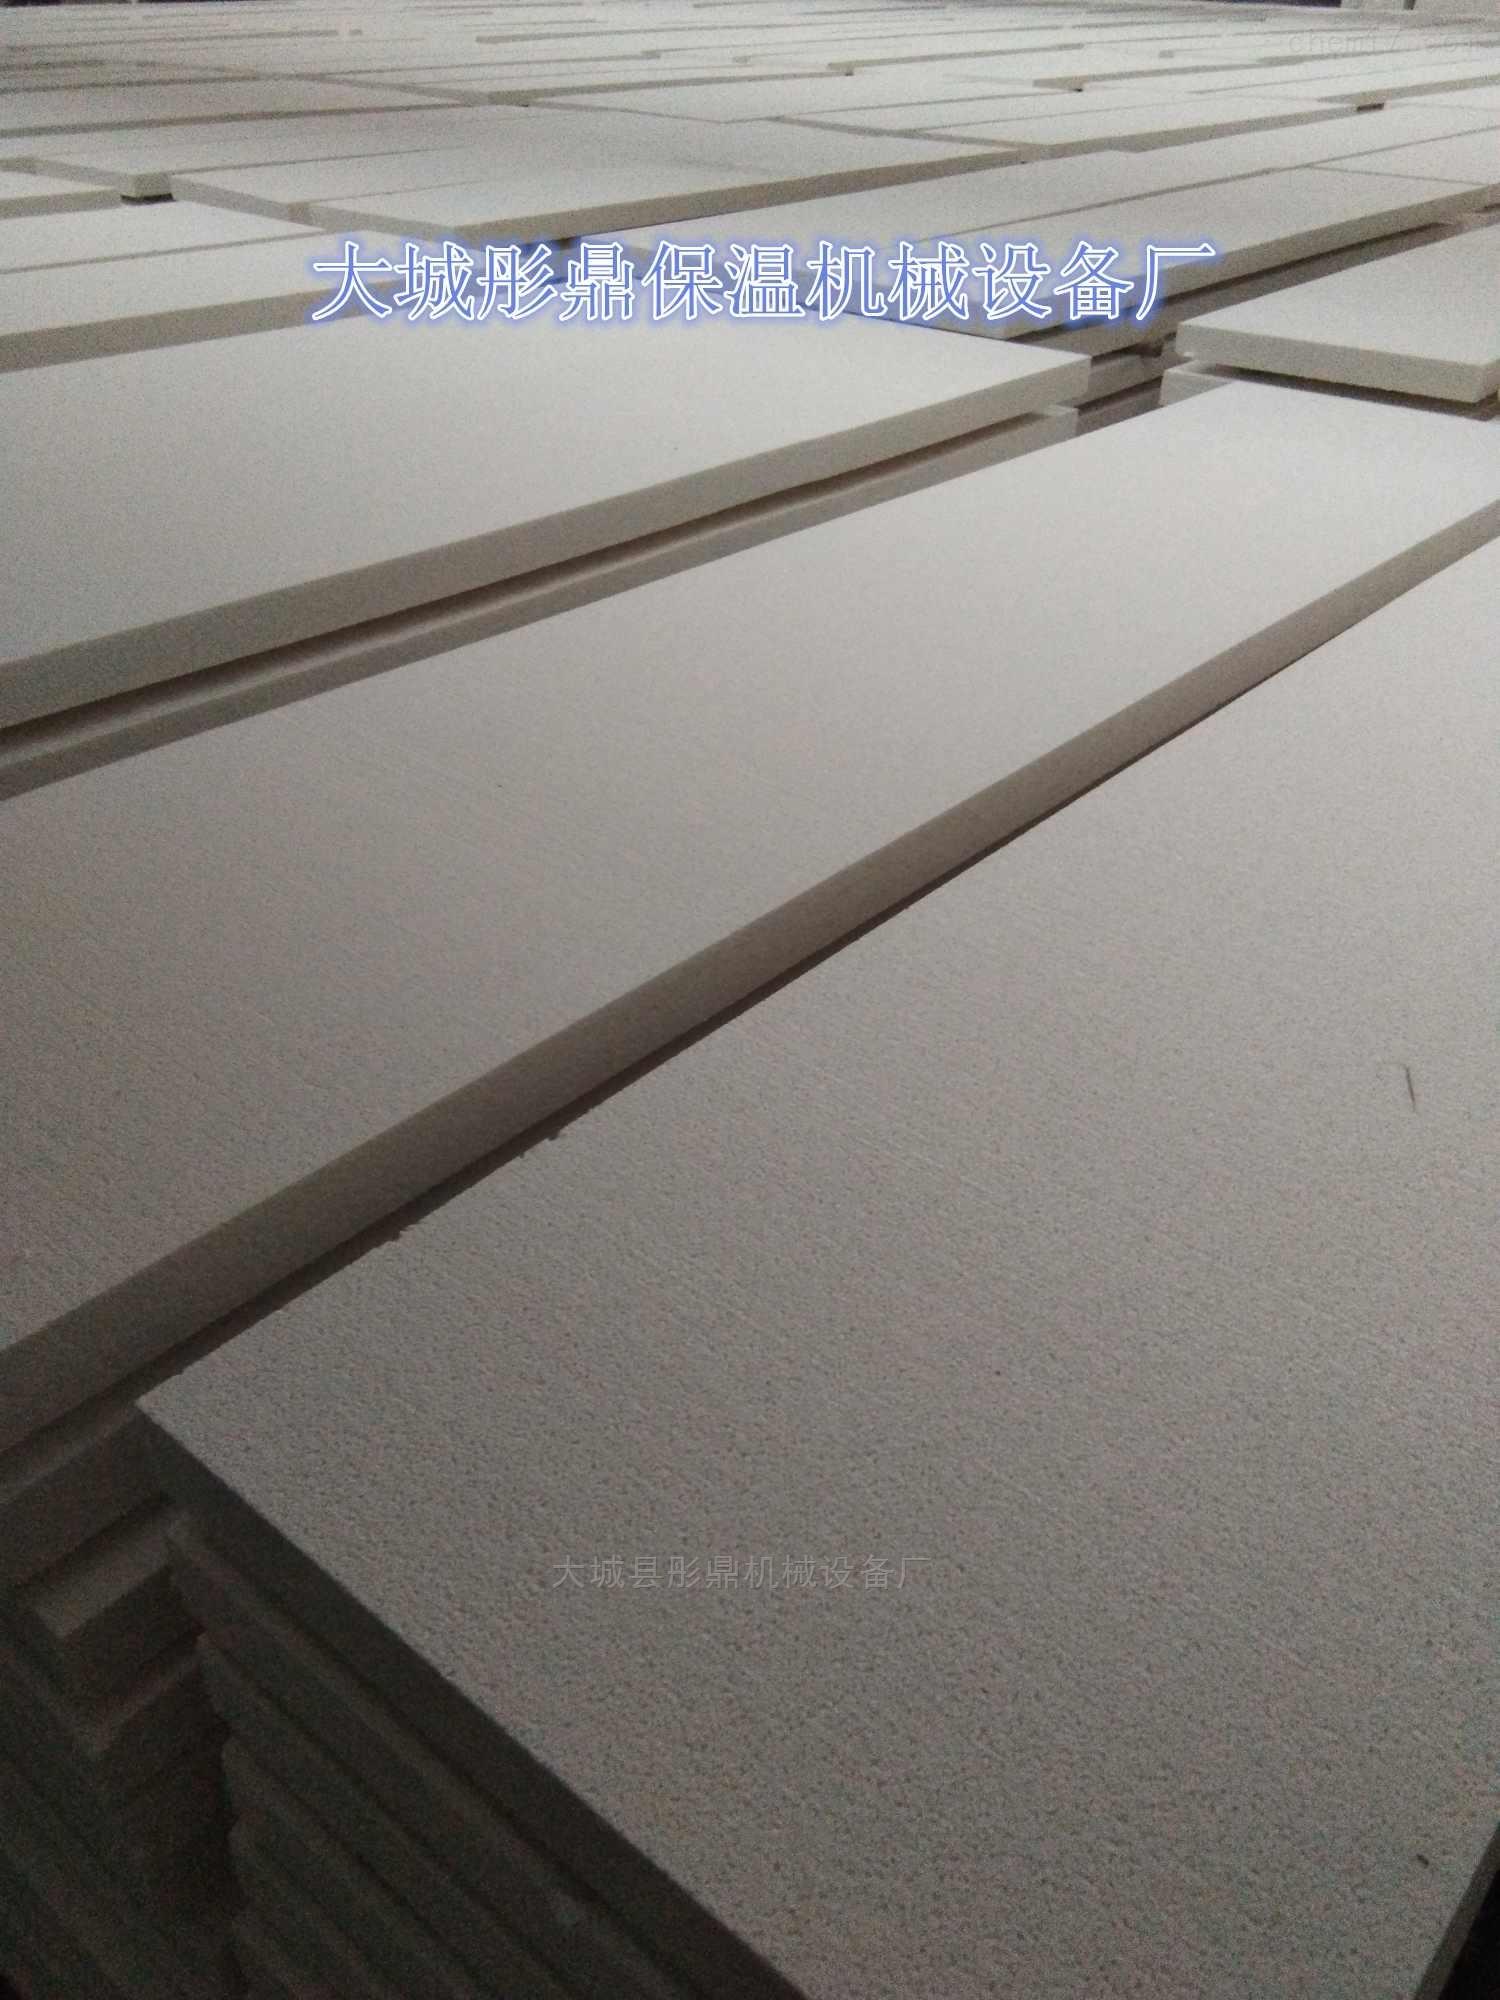 聚合聚苯板-防火保温板-AEPS改性板